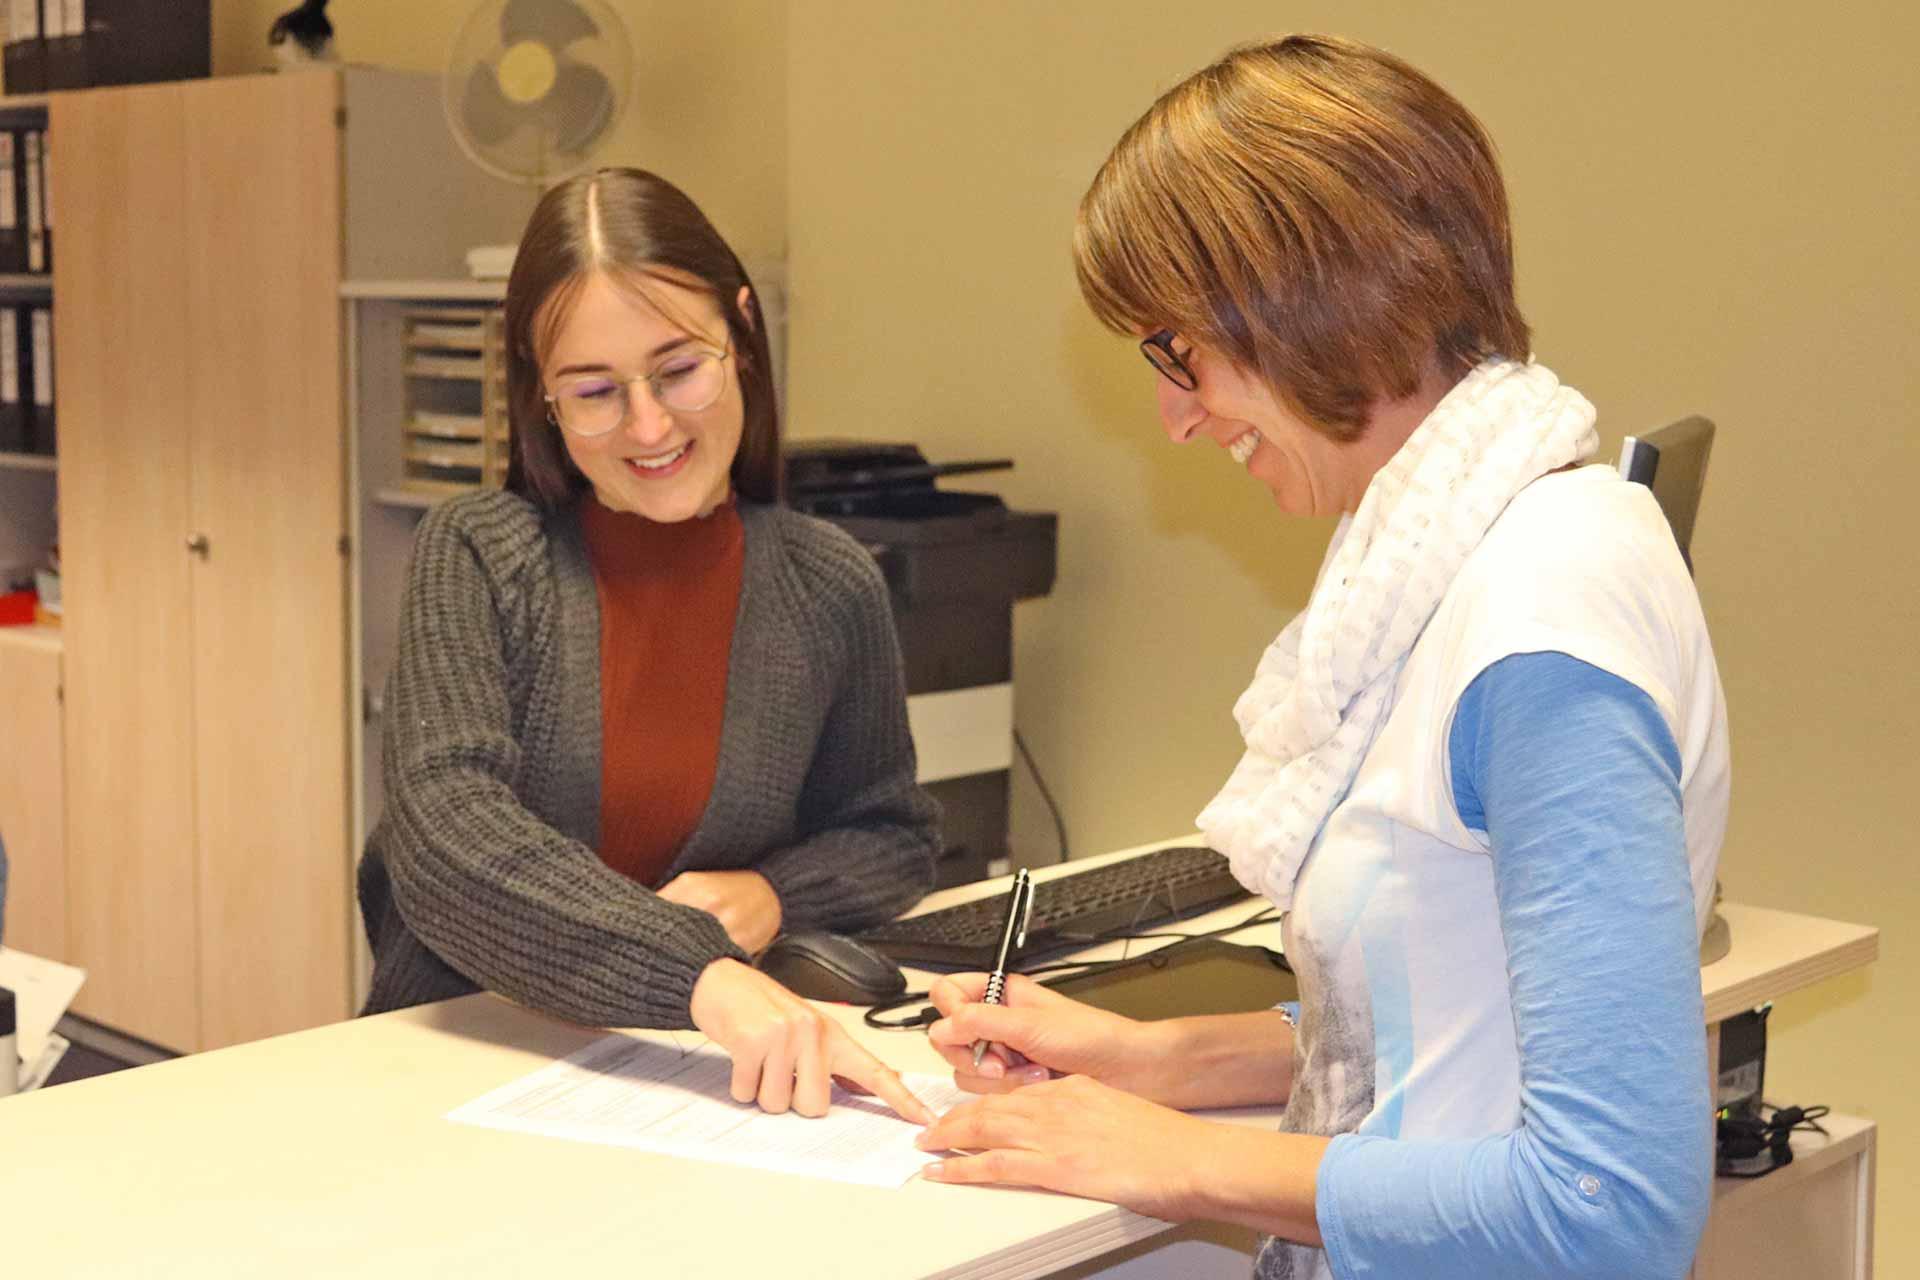 Verwaltungsfachangestellte Ausbildung Voraussetzungen